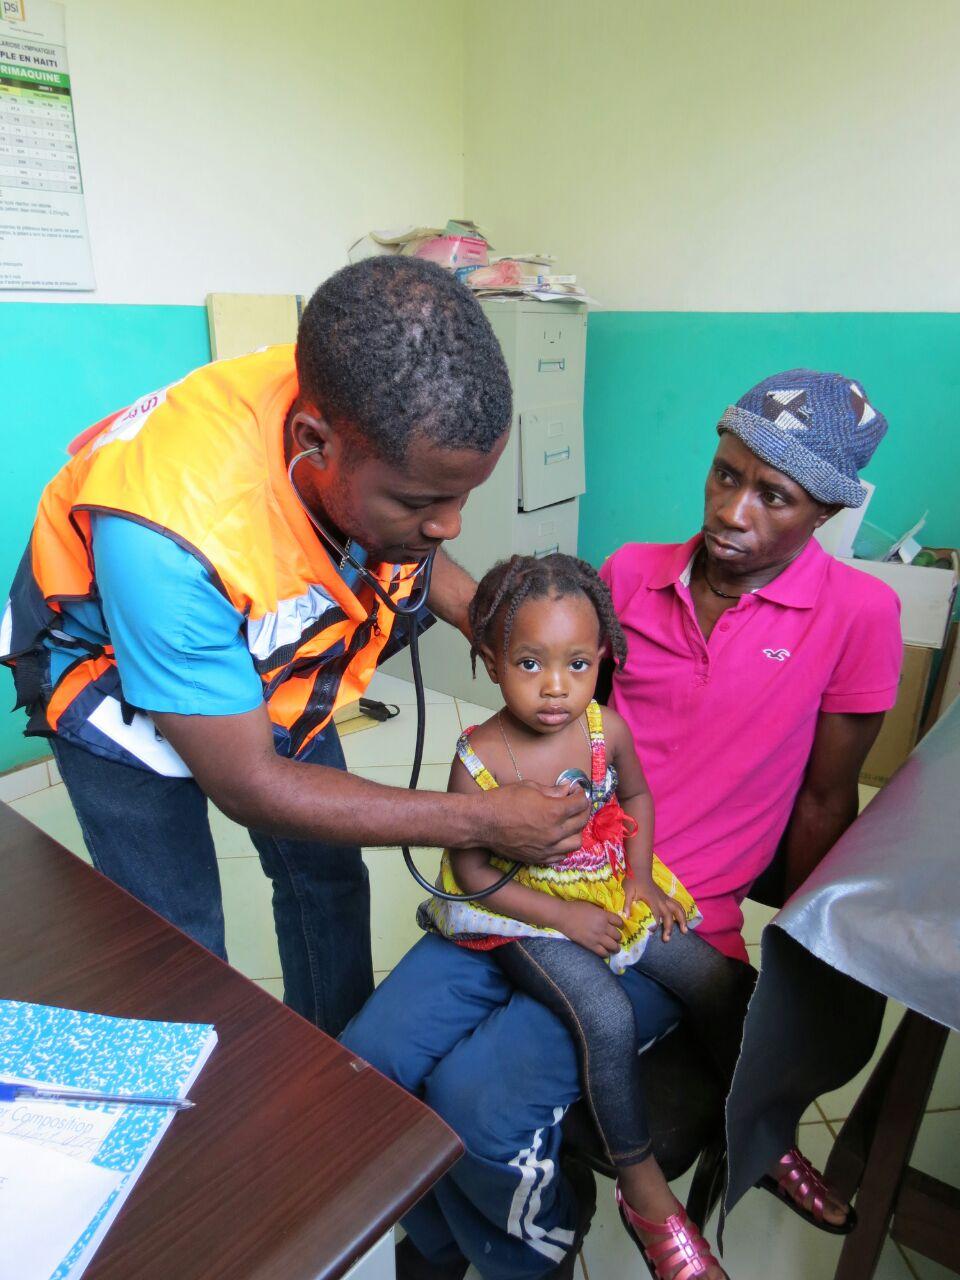 Dispensaire de Coupe Mardi Gras, Haïti, 30 Juillet 2015